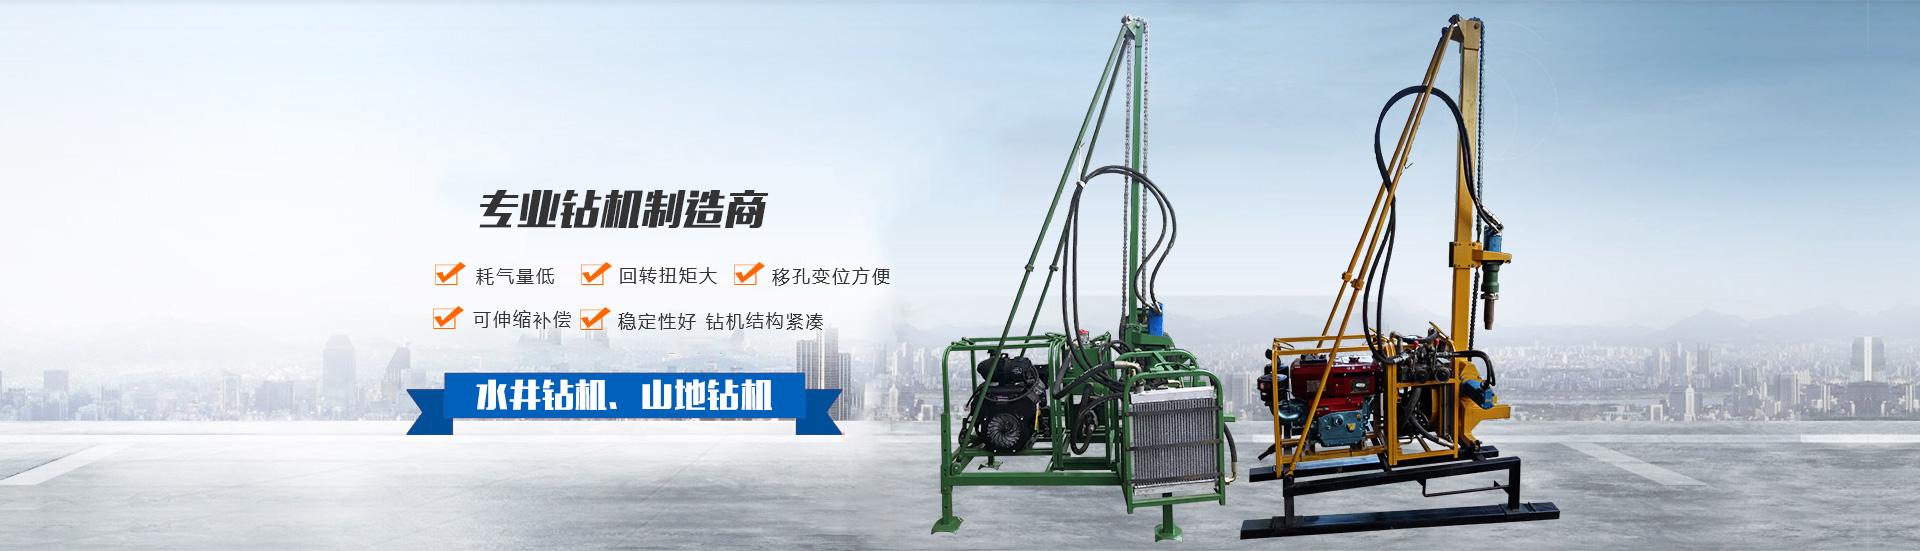 重庆山地钻机